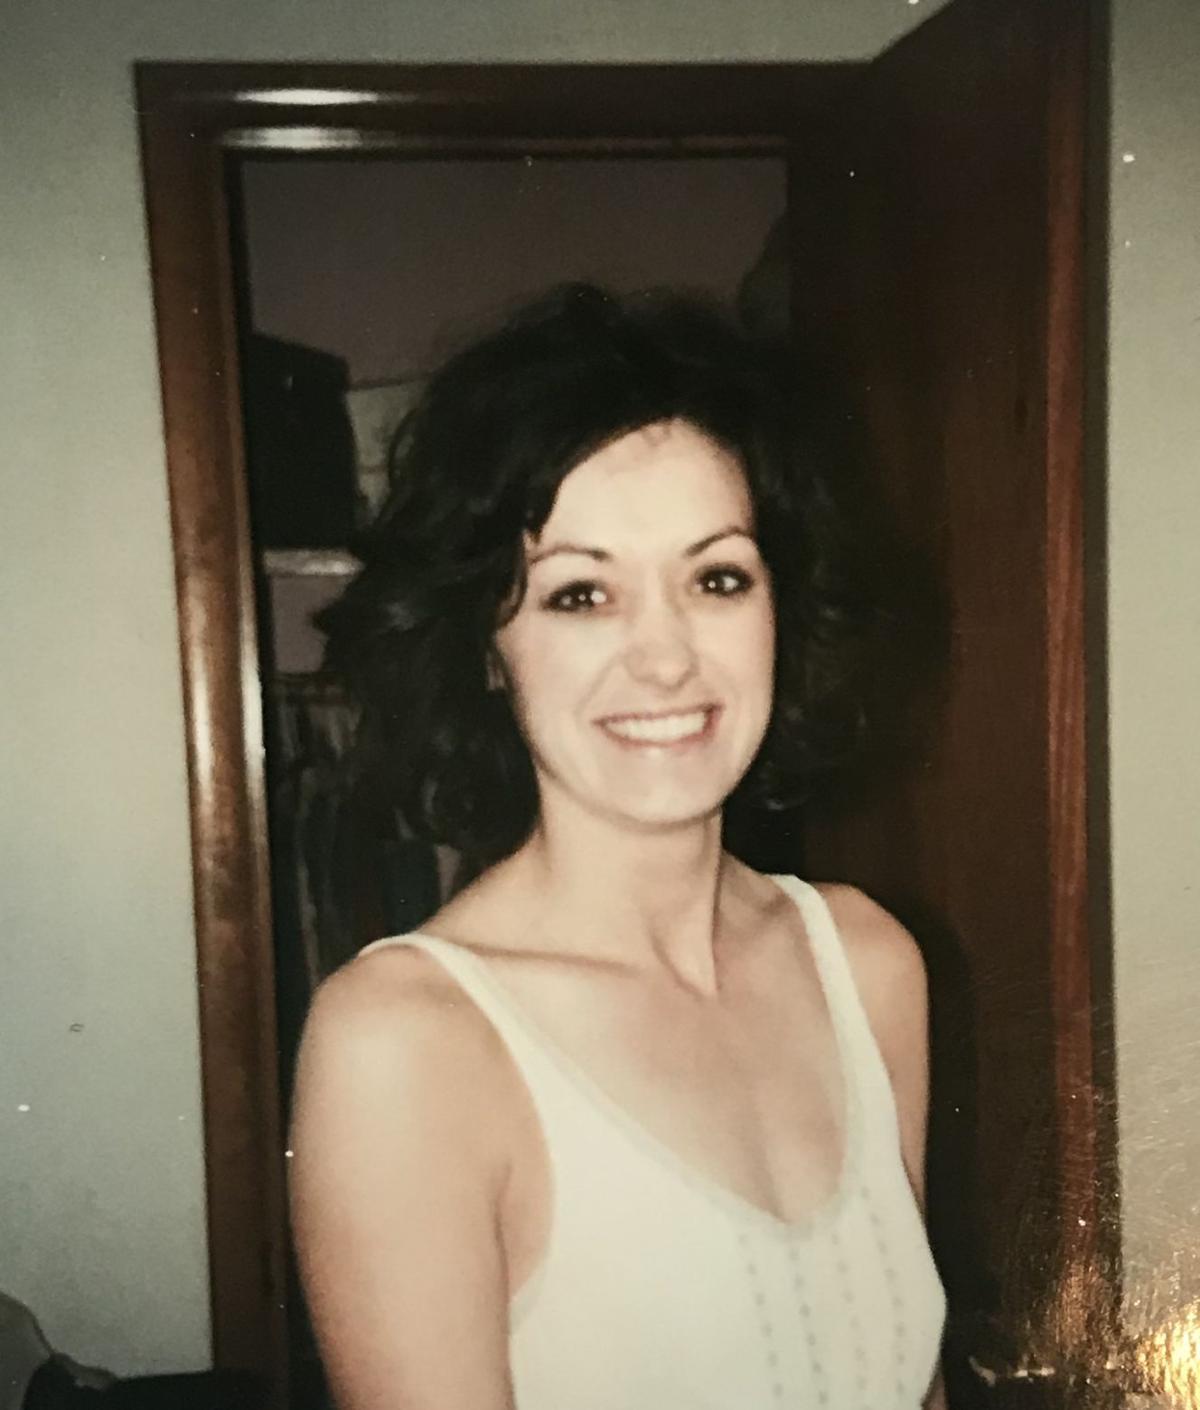 Margaret Anselmo